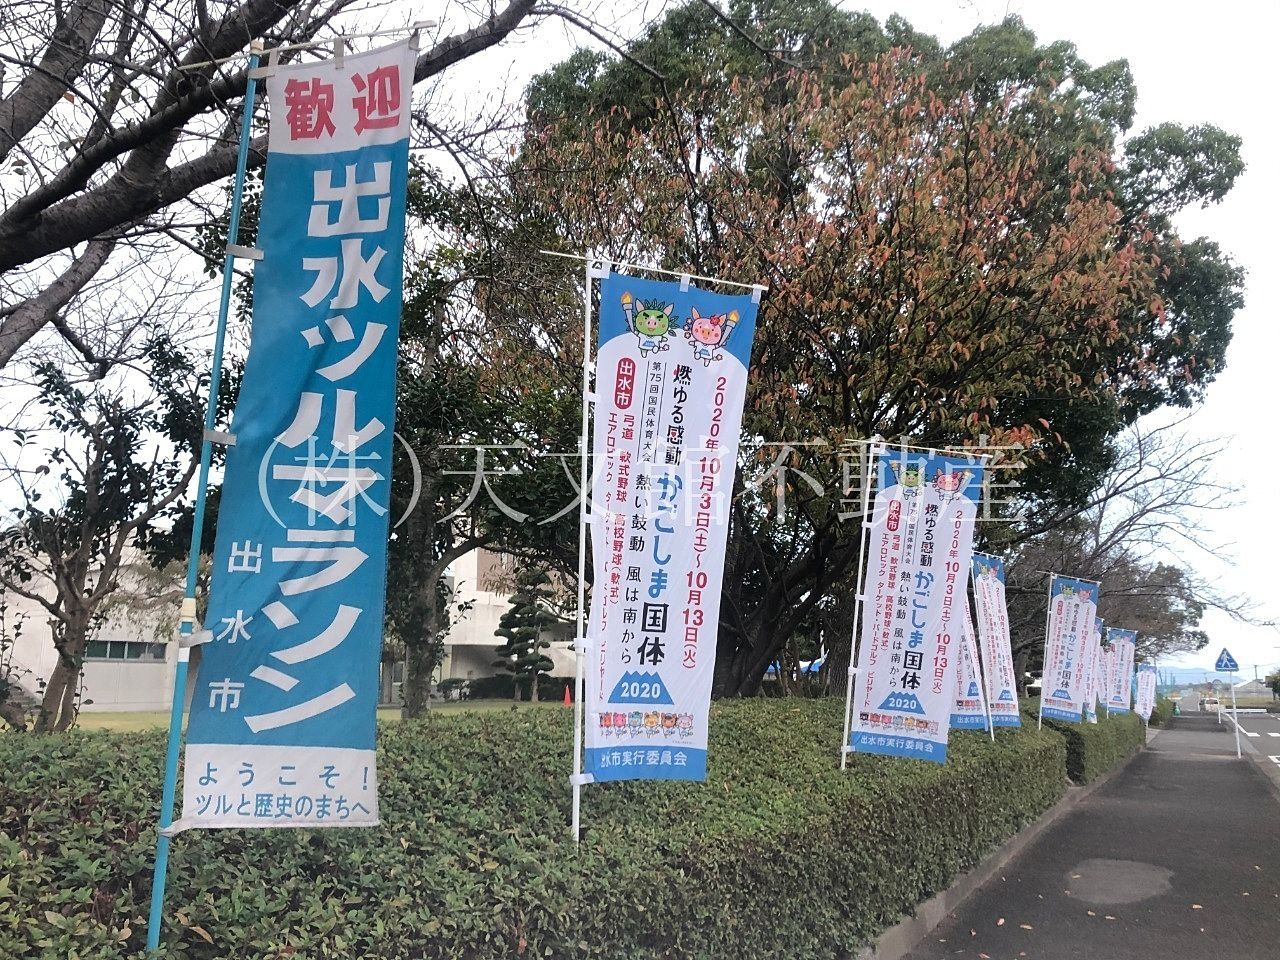 鹿児島県出水市の「出水ツルマラソン大会」に参加しました。